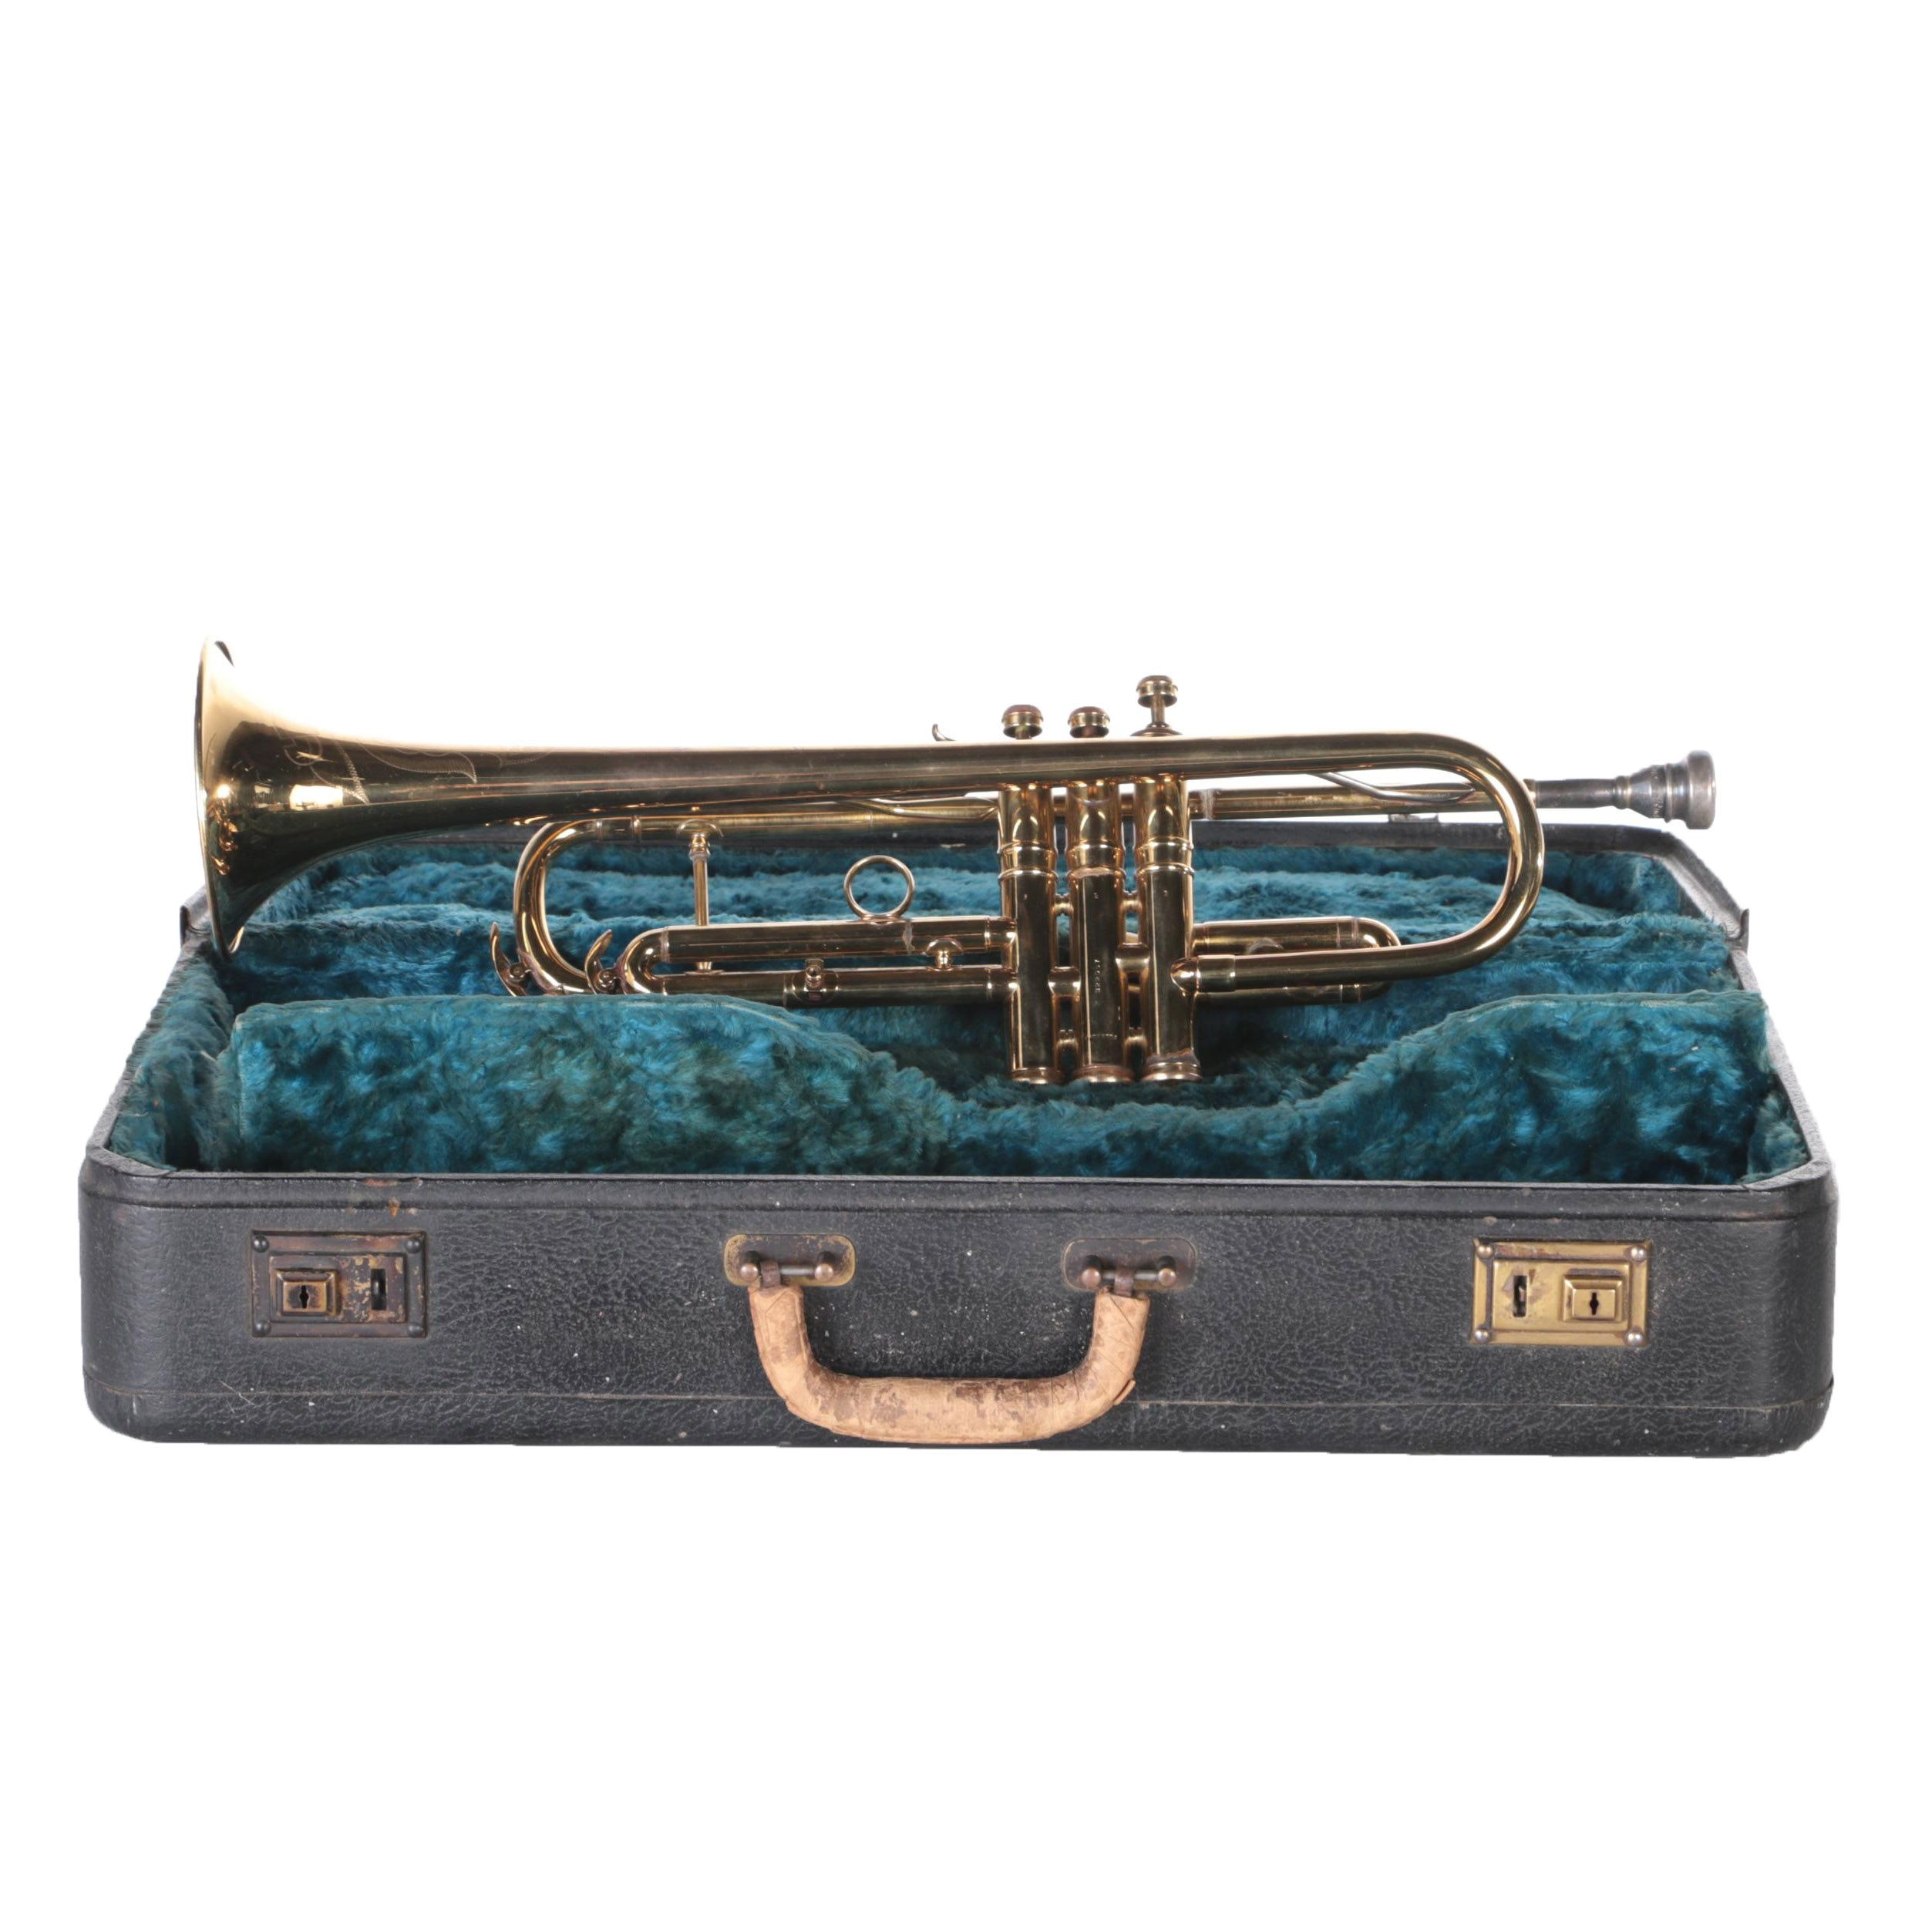 C.G. Conn Ltd. Brass Trumpet and Case